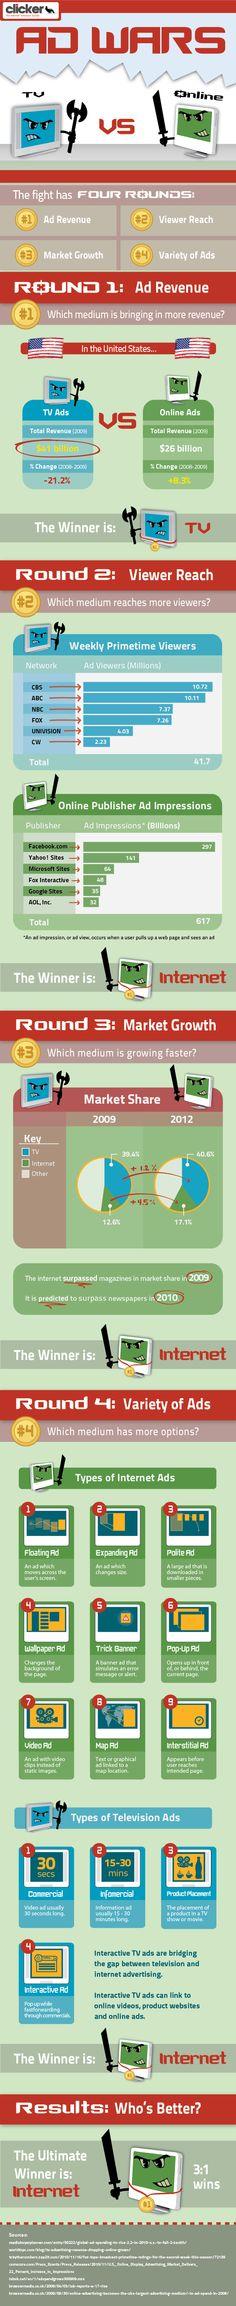 #AD Wars - #TV vs #Online #Media